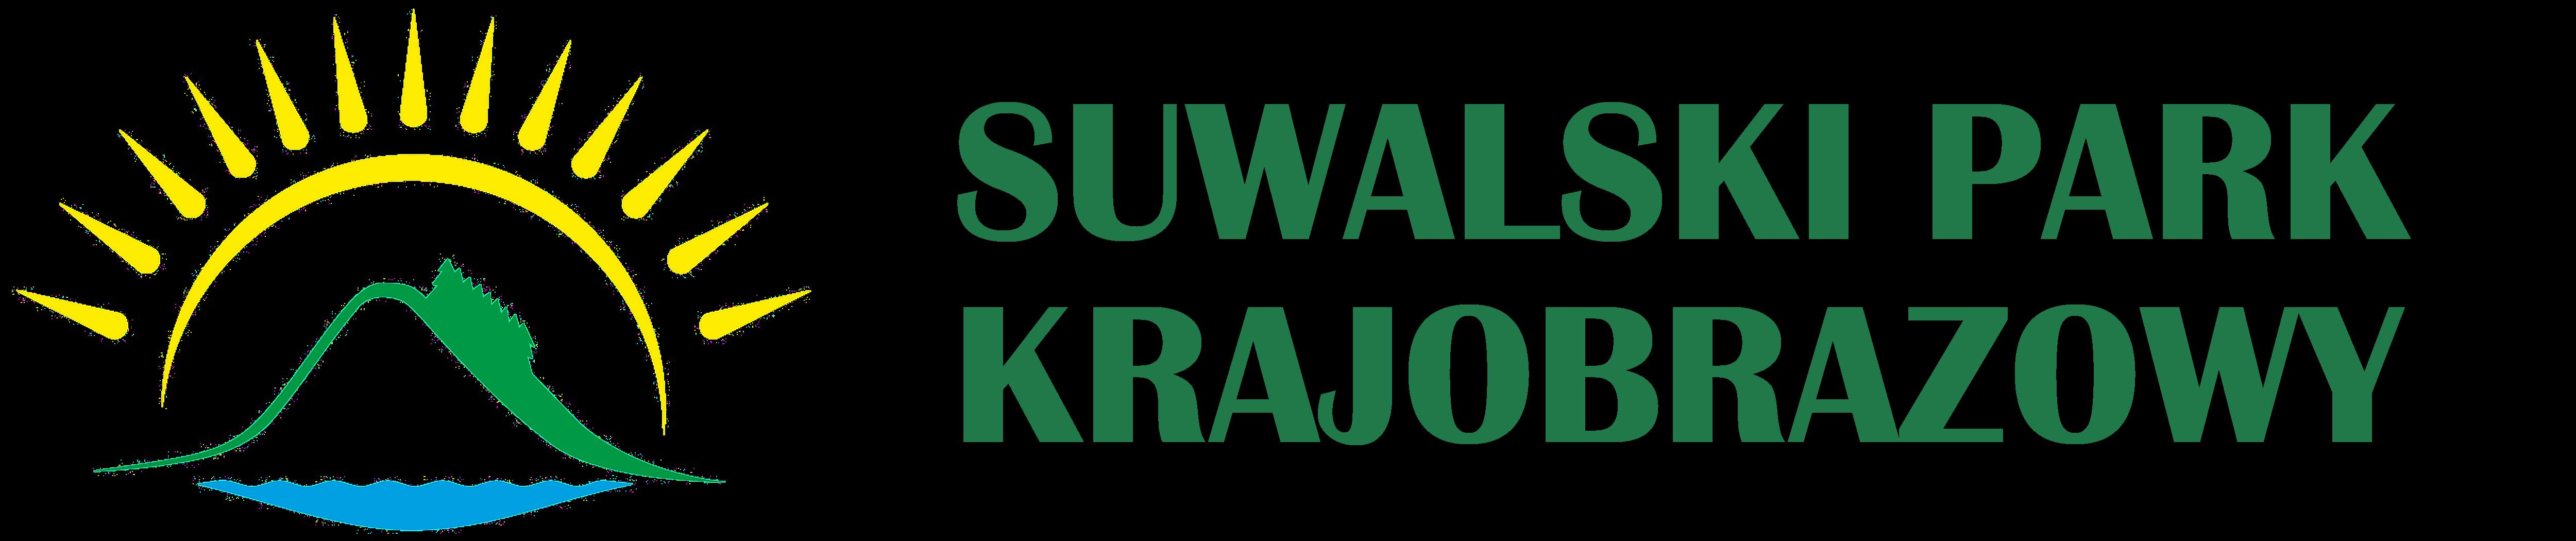 Oficjalna Strona Suwalskiego Parku Krajobrazowego